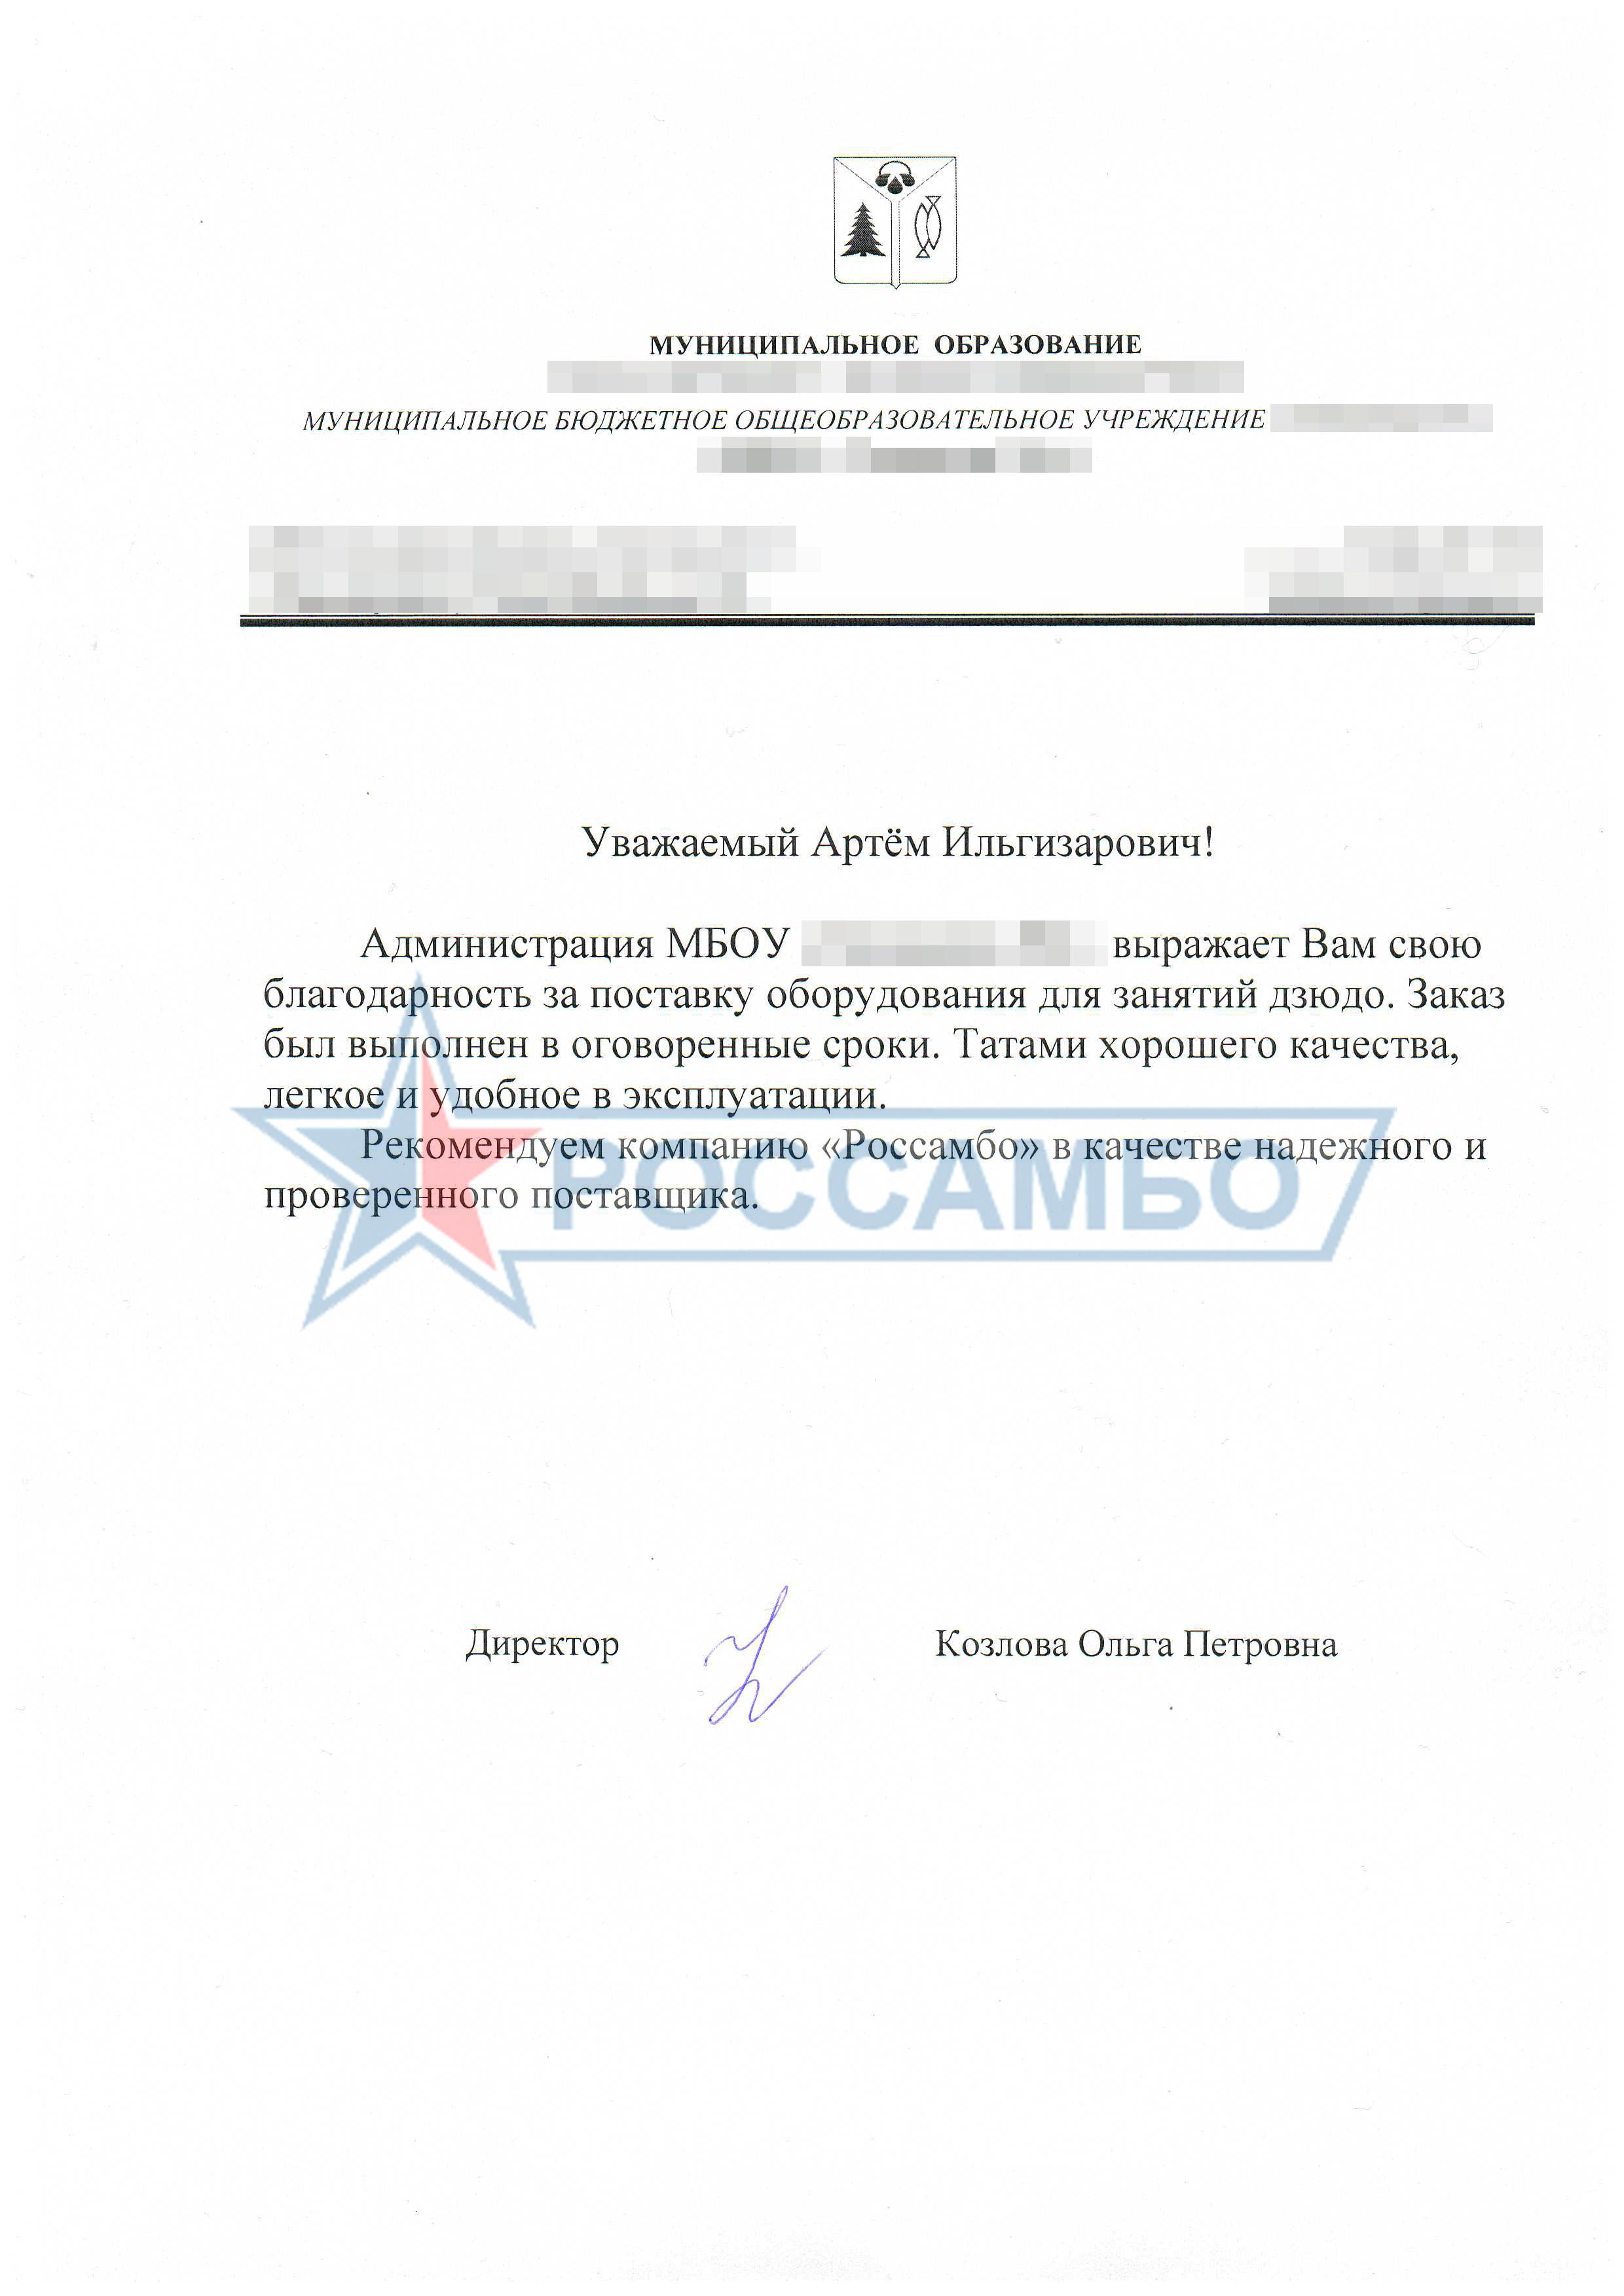 Татами в Нижневартовск от РОССАМБО